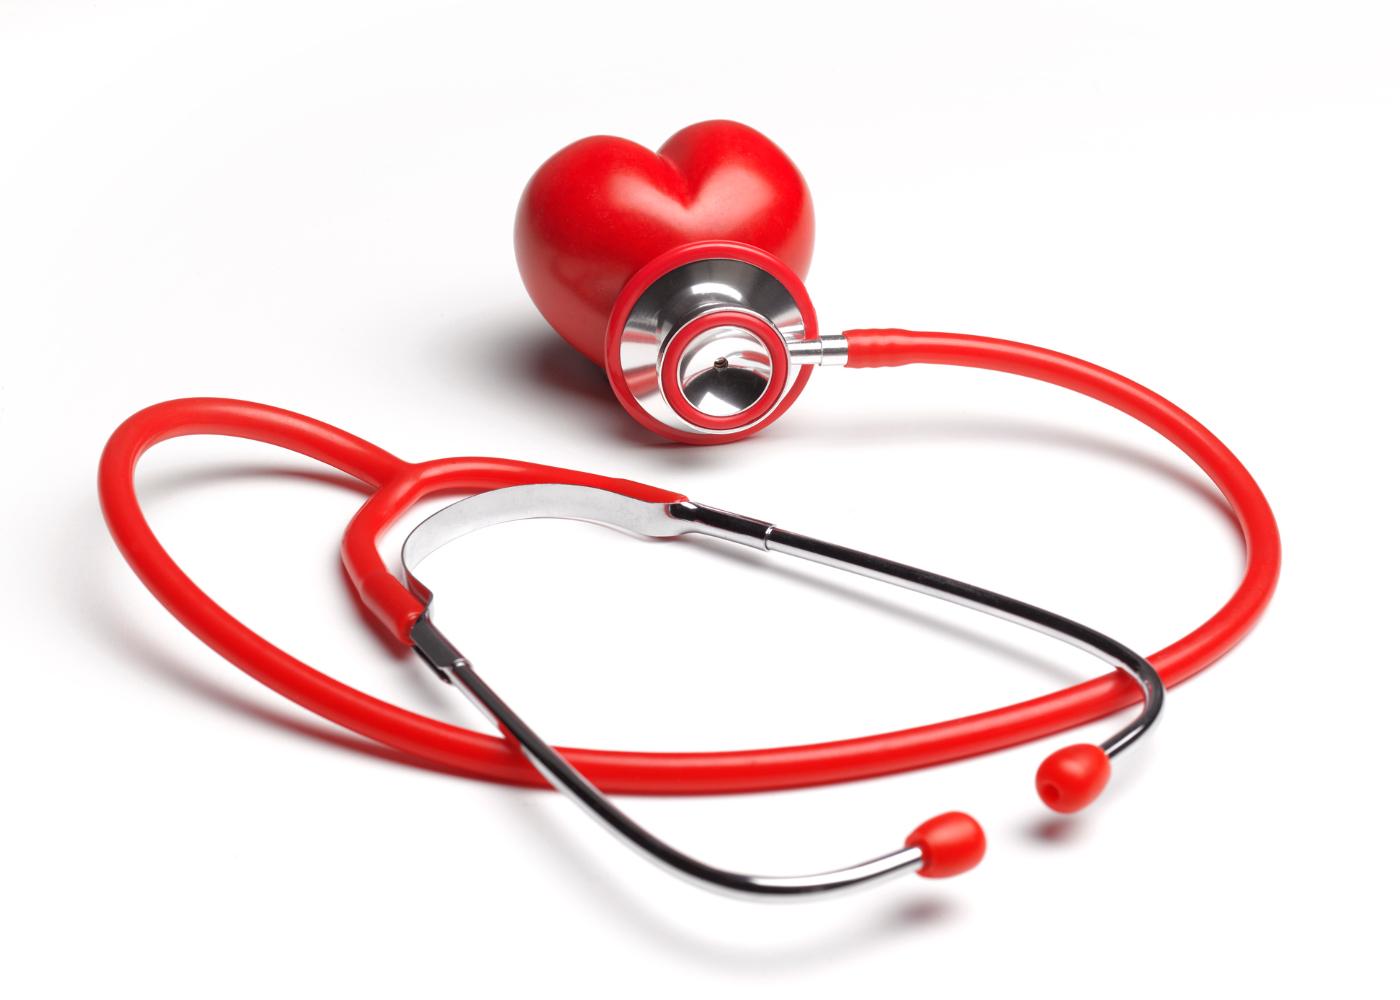 estetoscópio e coração